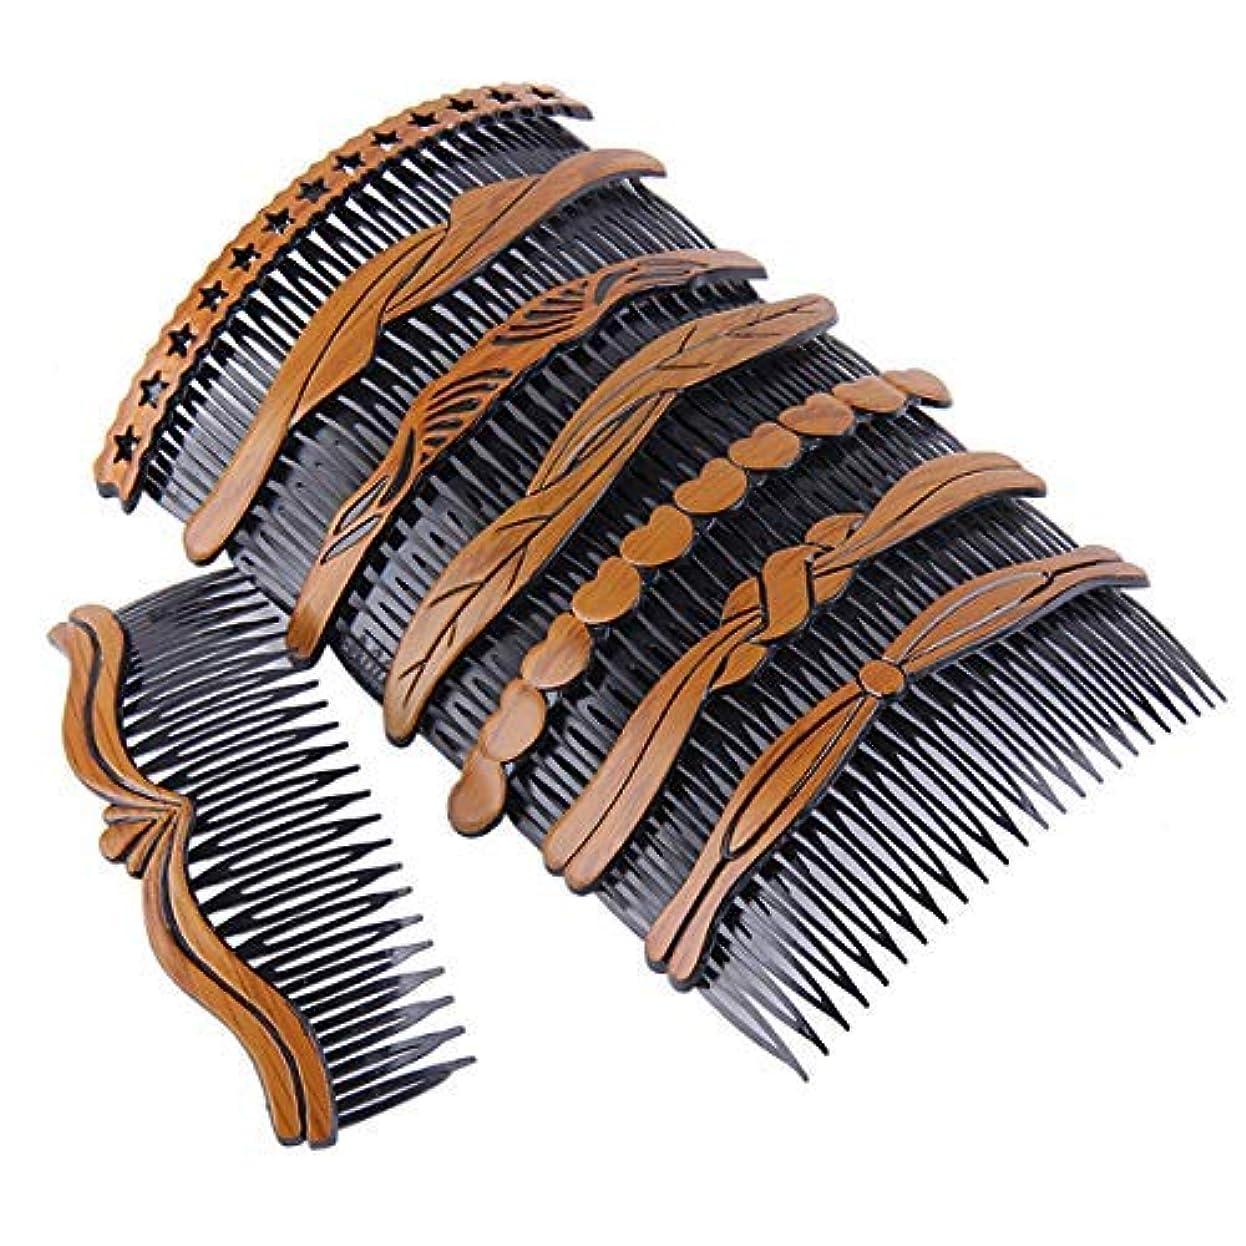 プロトタイプ粒間に合わせ8Pcs Plastic Wood Grain Hollow Hair Side Combs Retro Hair Comb Pin Clips Headdress with Teeth for Lady Women Girls...